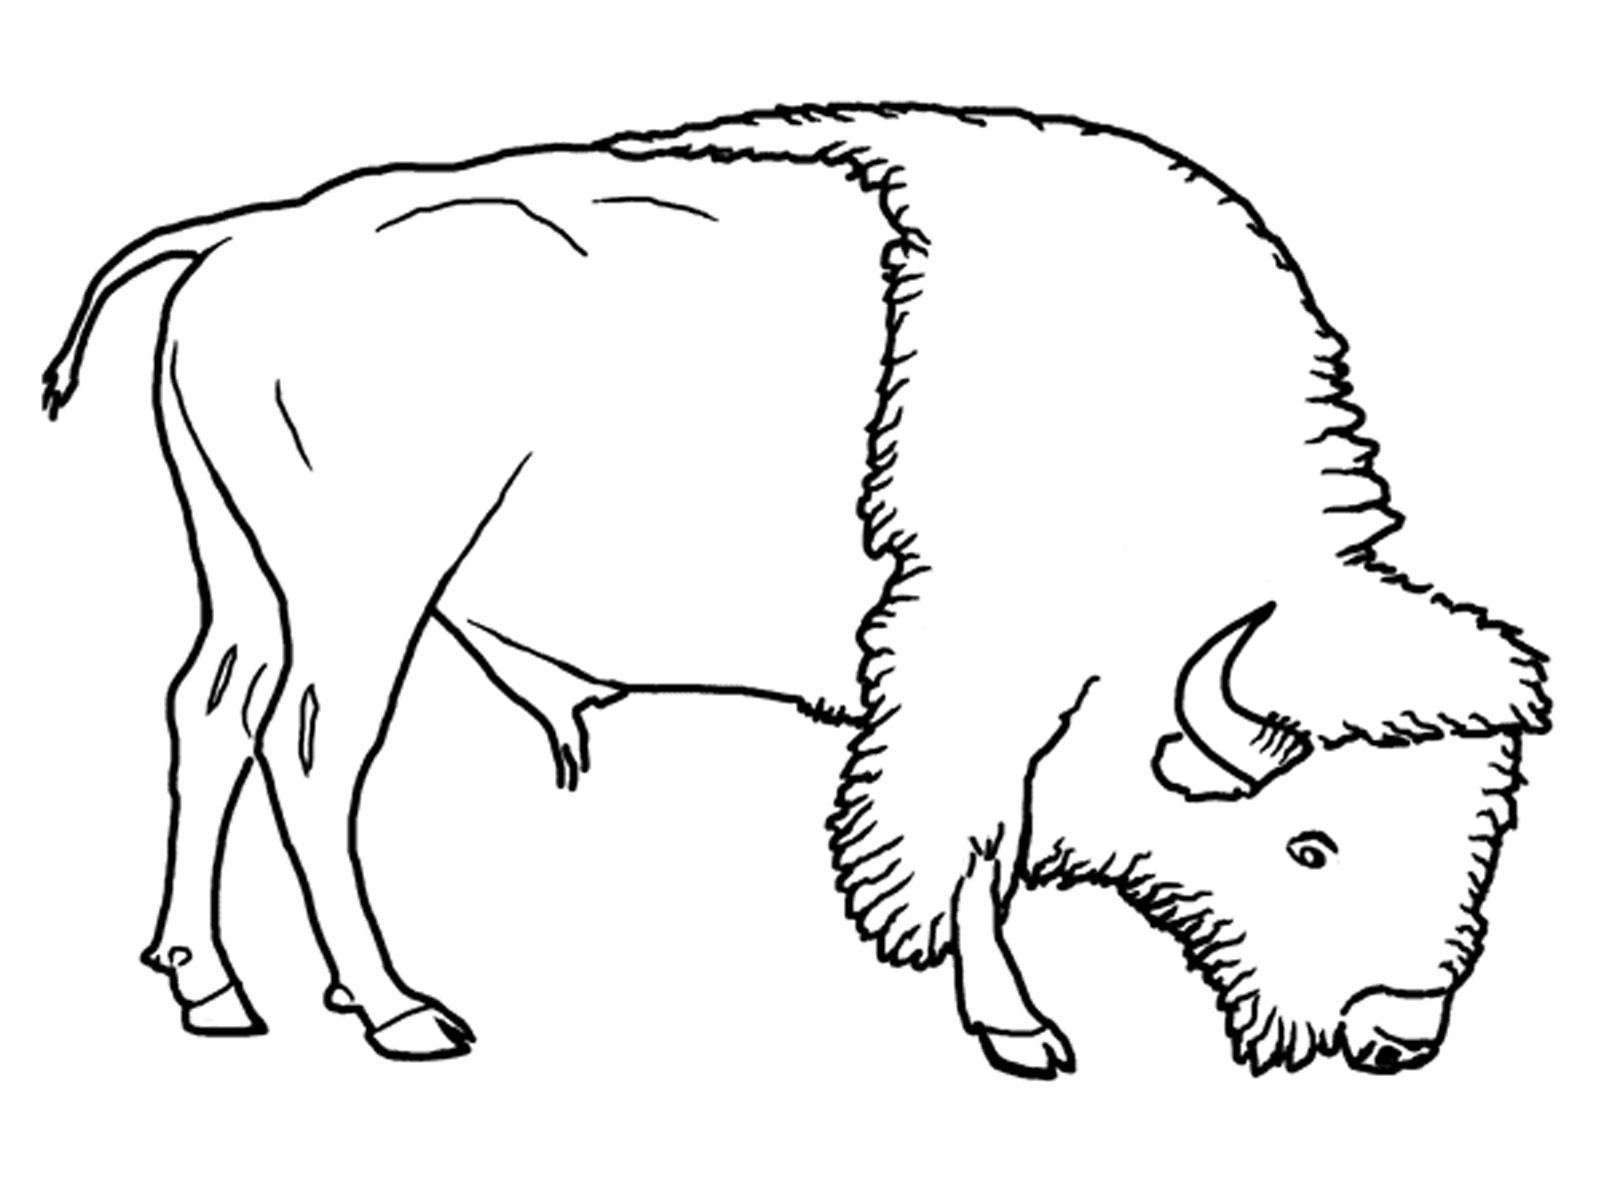 Coloriages Bison (Animaux) - Album de coloriages